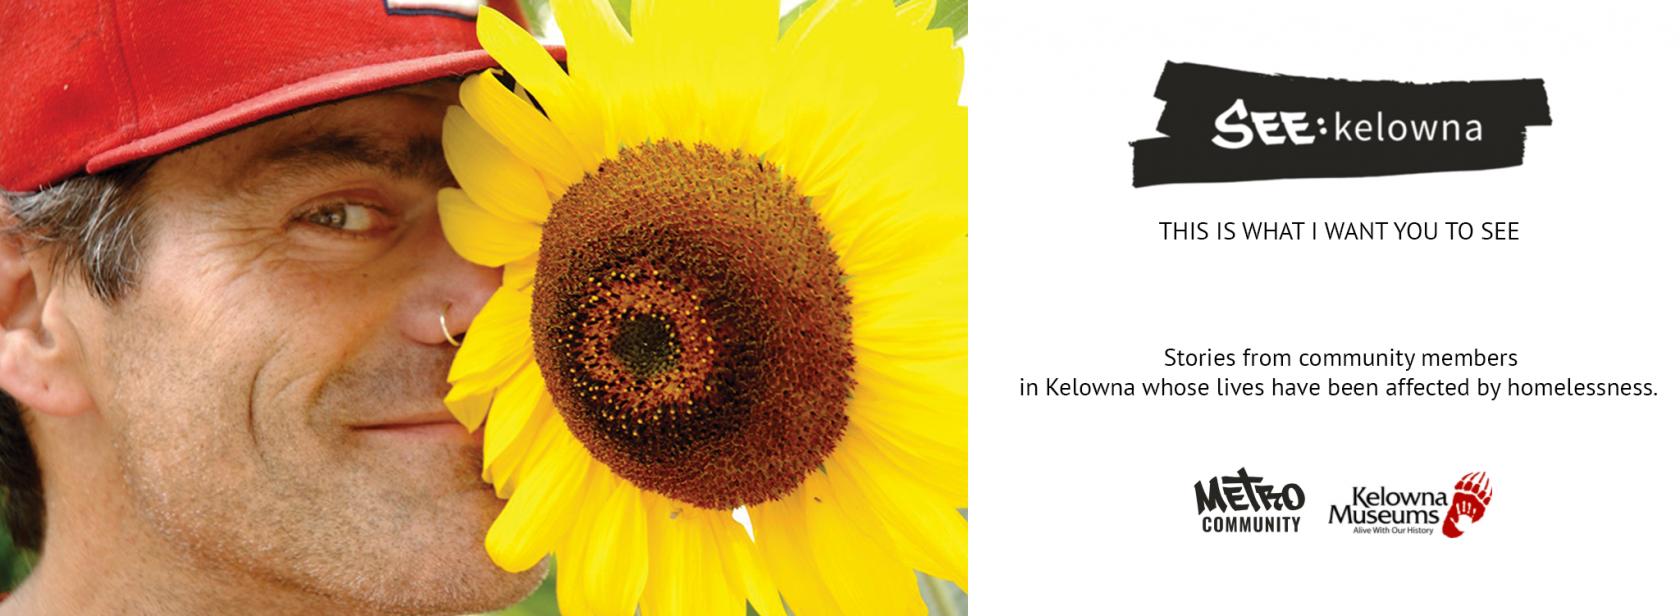 SEE Kelowna Kelowna Museums exhibit slider 1 SEE: Kelowna